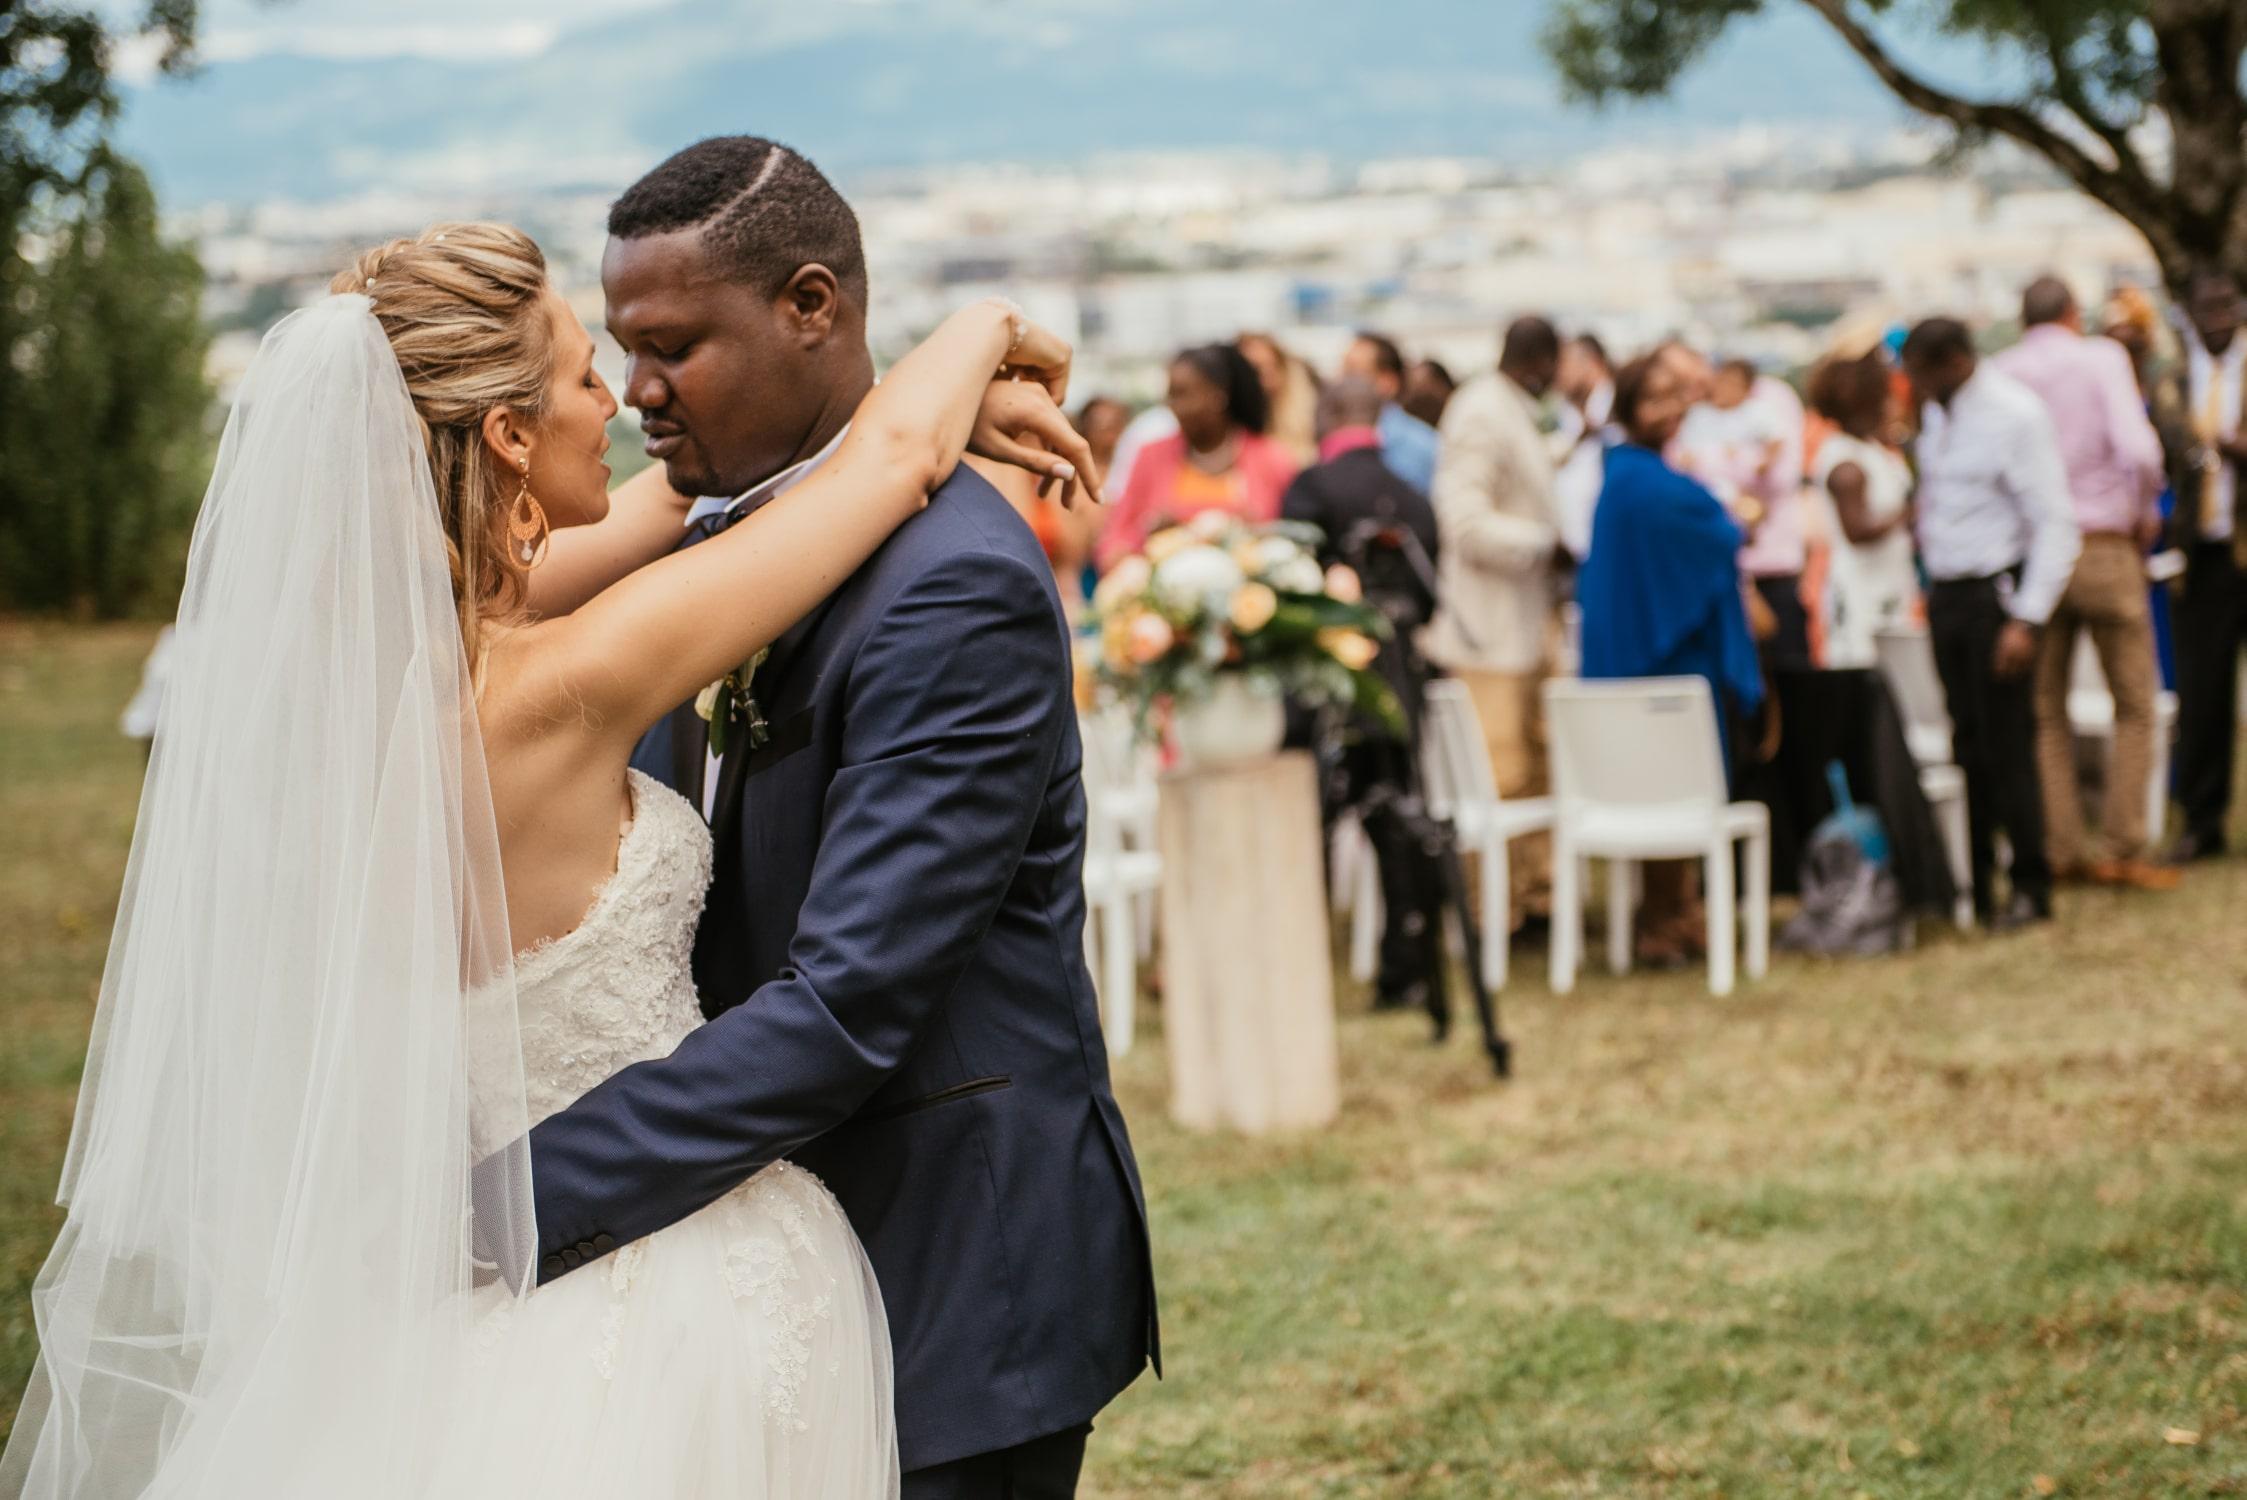 Les mariés s'enlacent à la fin de leur cérémonie